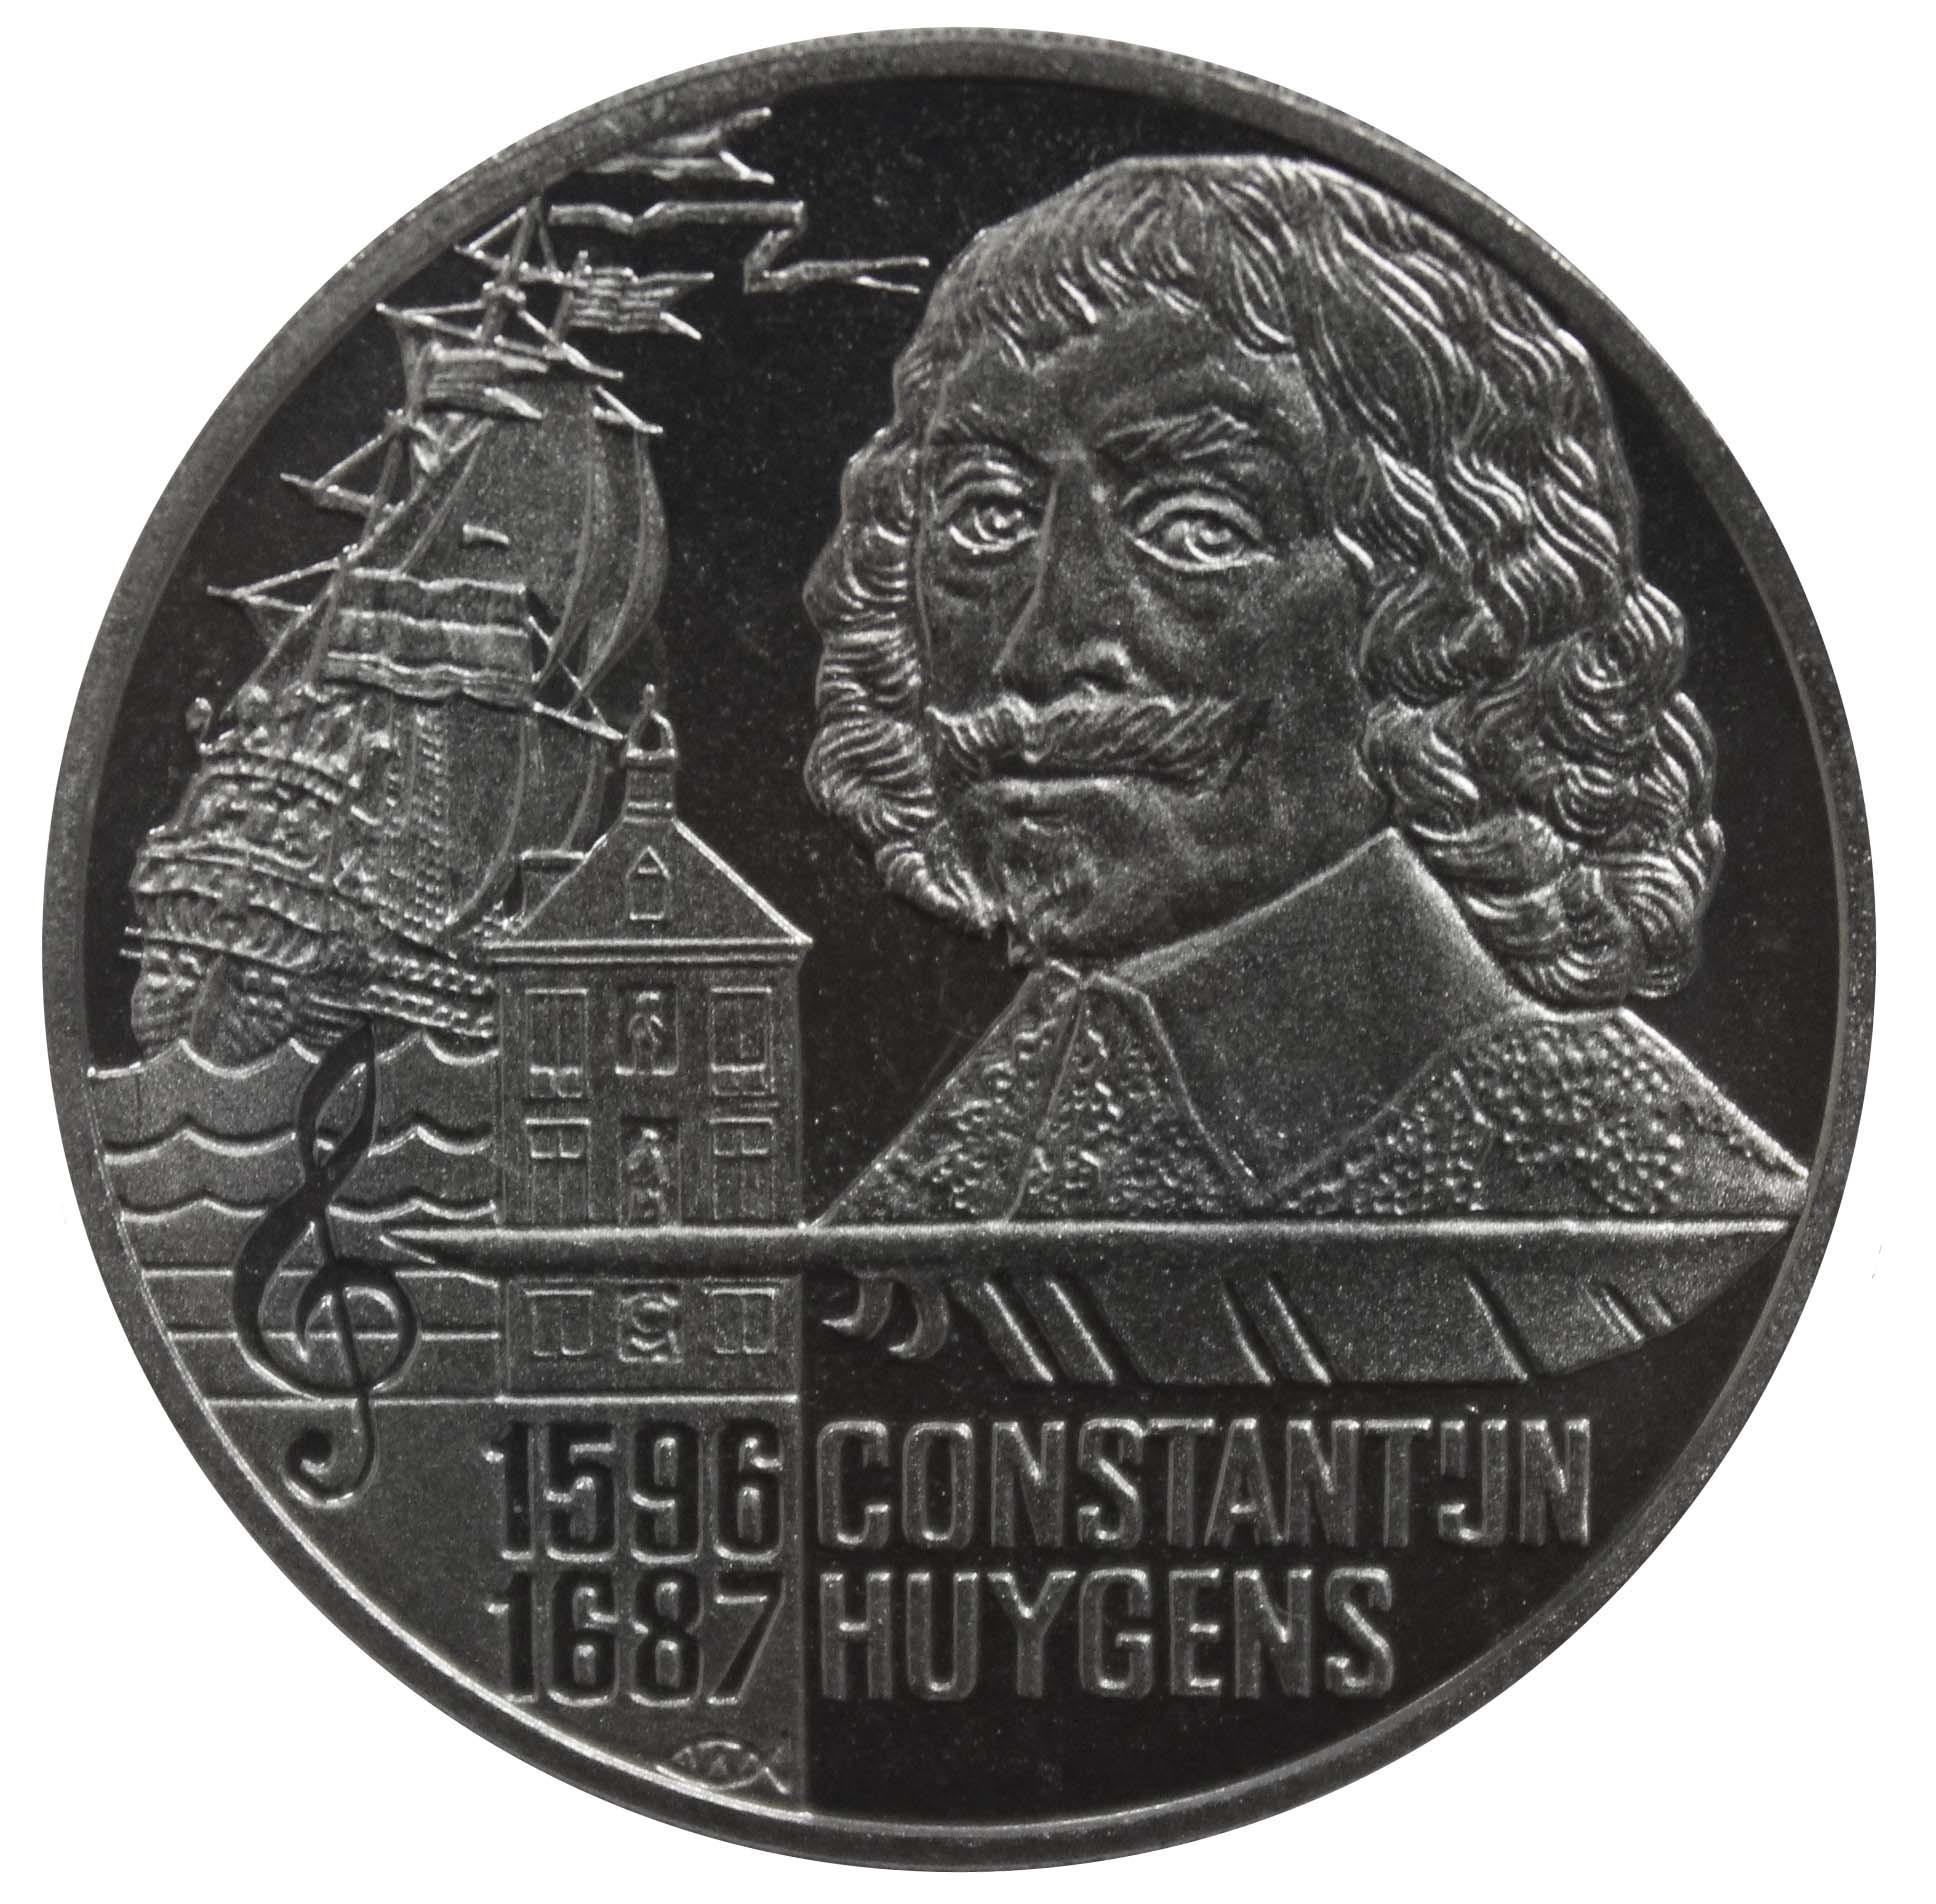 5 евро. Константин Хейгенс. Нидерланды. 1996 год PROOF